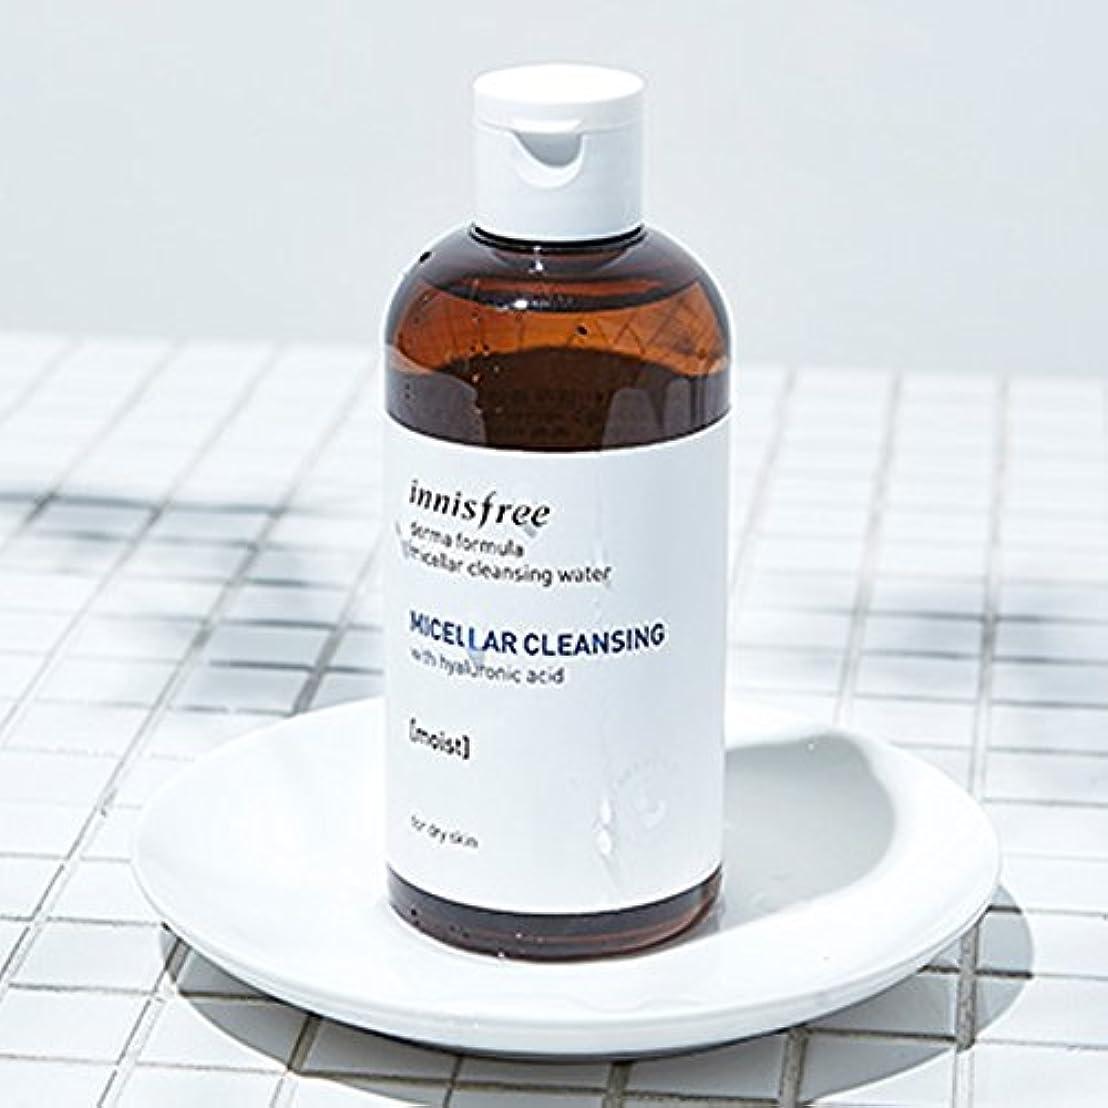 ラバ国際対応するイニスフリータンジェリンビタCスキン(トナー)200ml Innisfree Tangerine Vita C Skin(Toner) 200ml [海外直送品][並行輸入品]